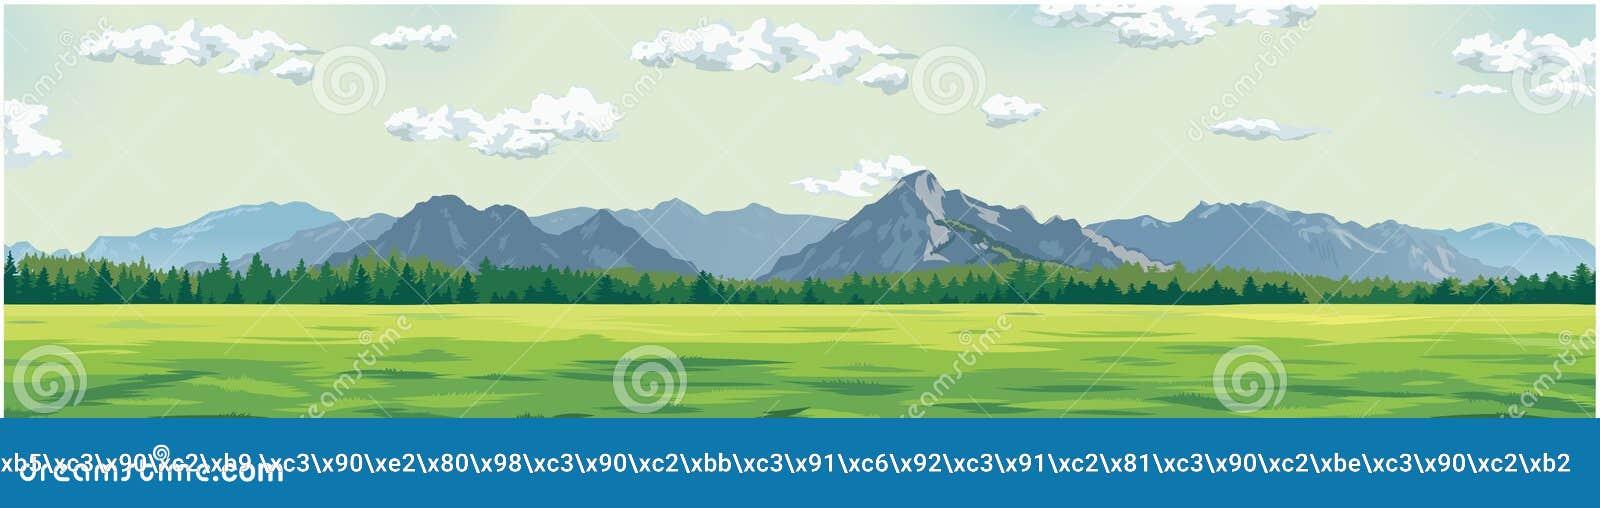 Grön glänta mot bakgrunden av berg